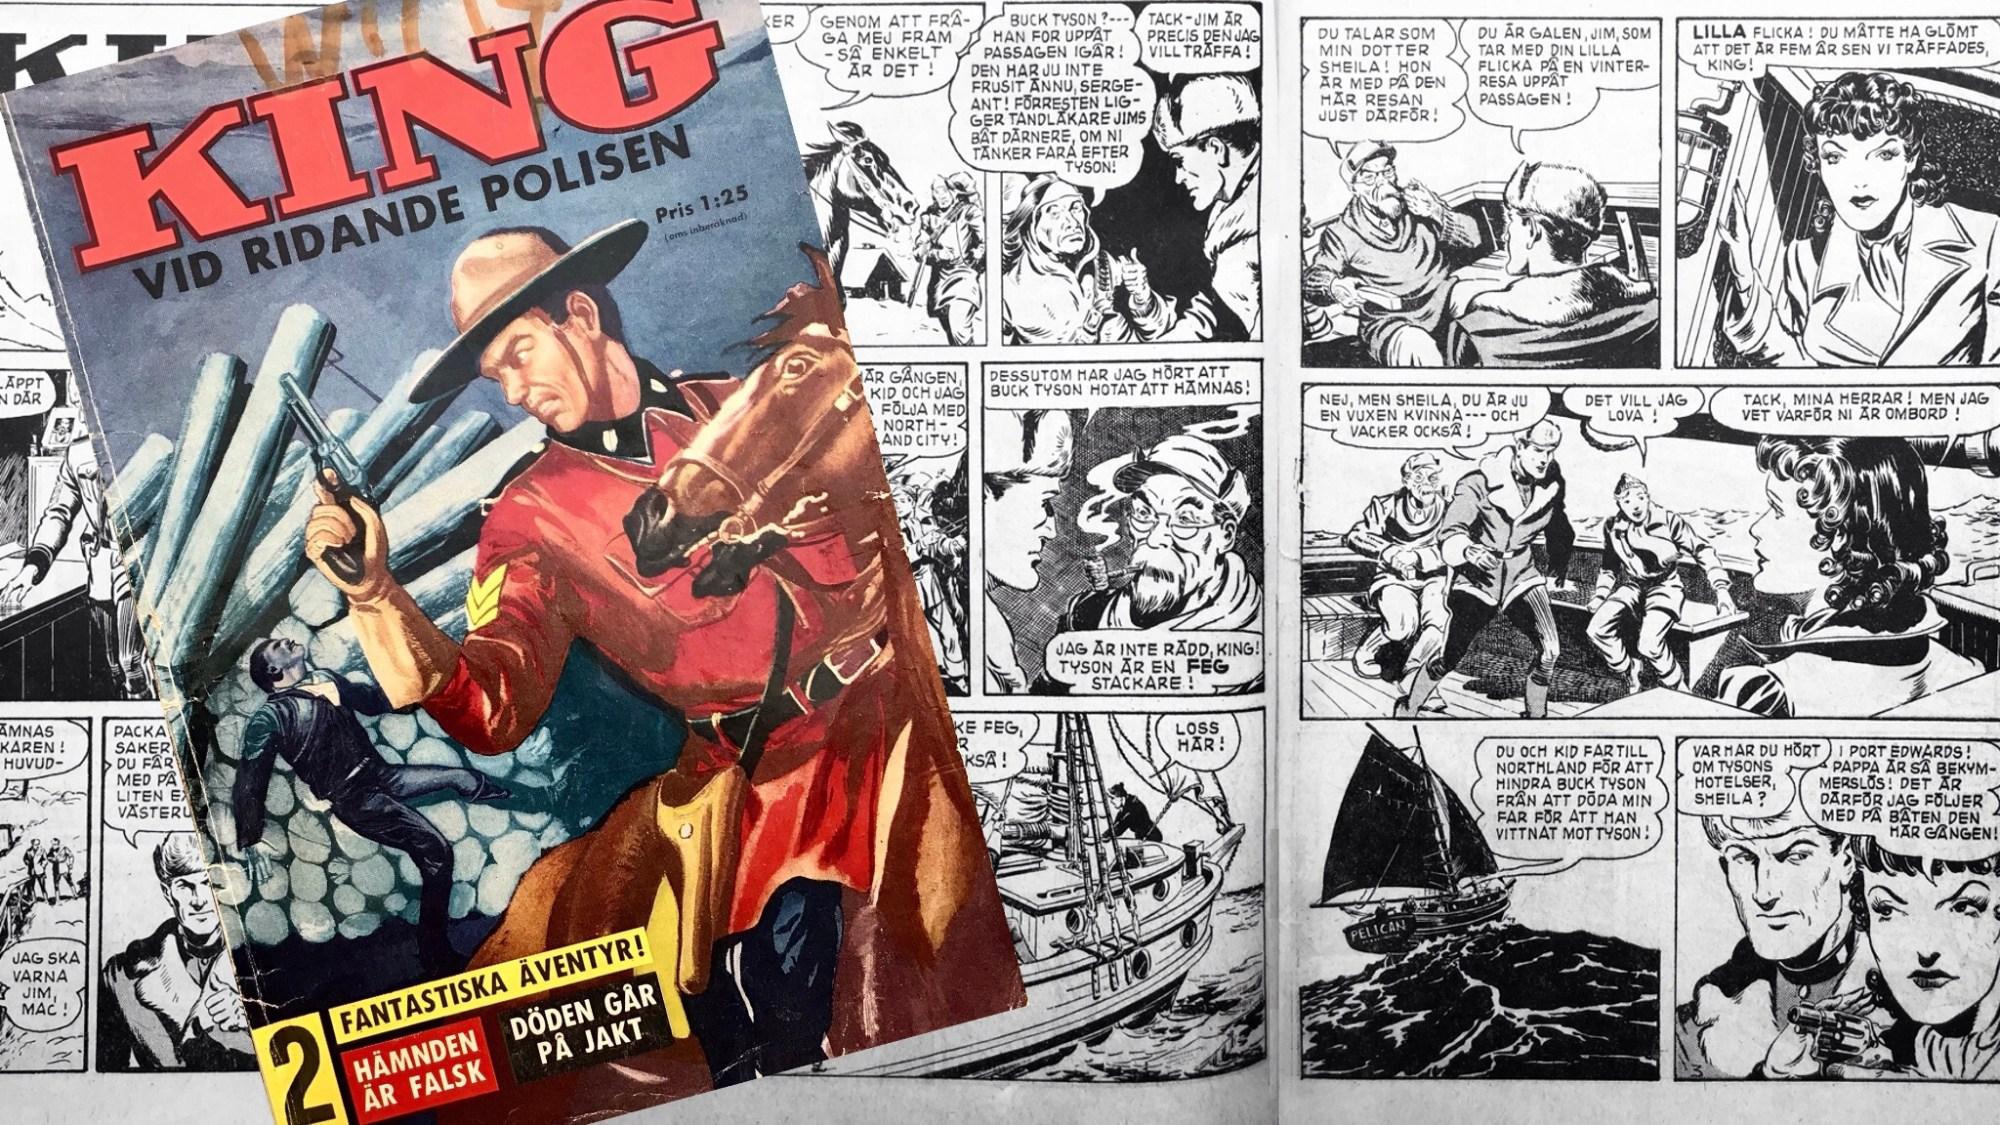 Kung vid ridande polisen (1961)